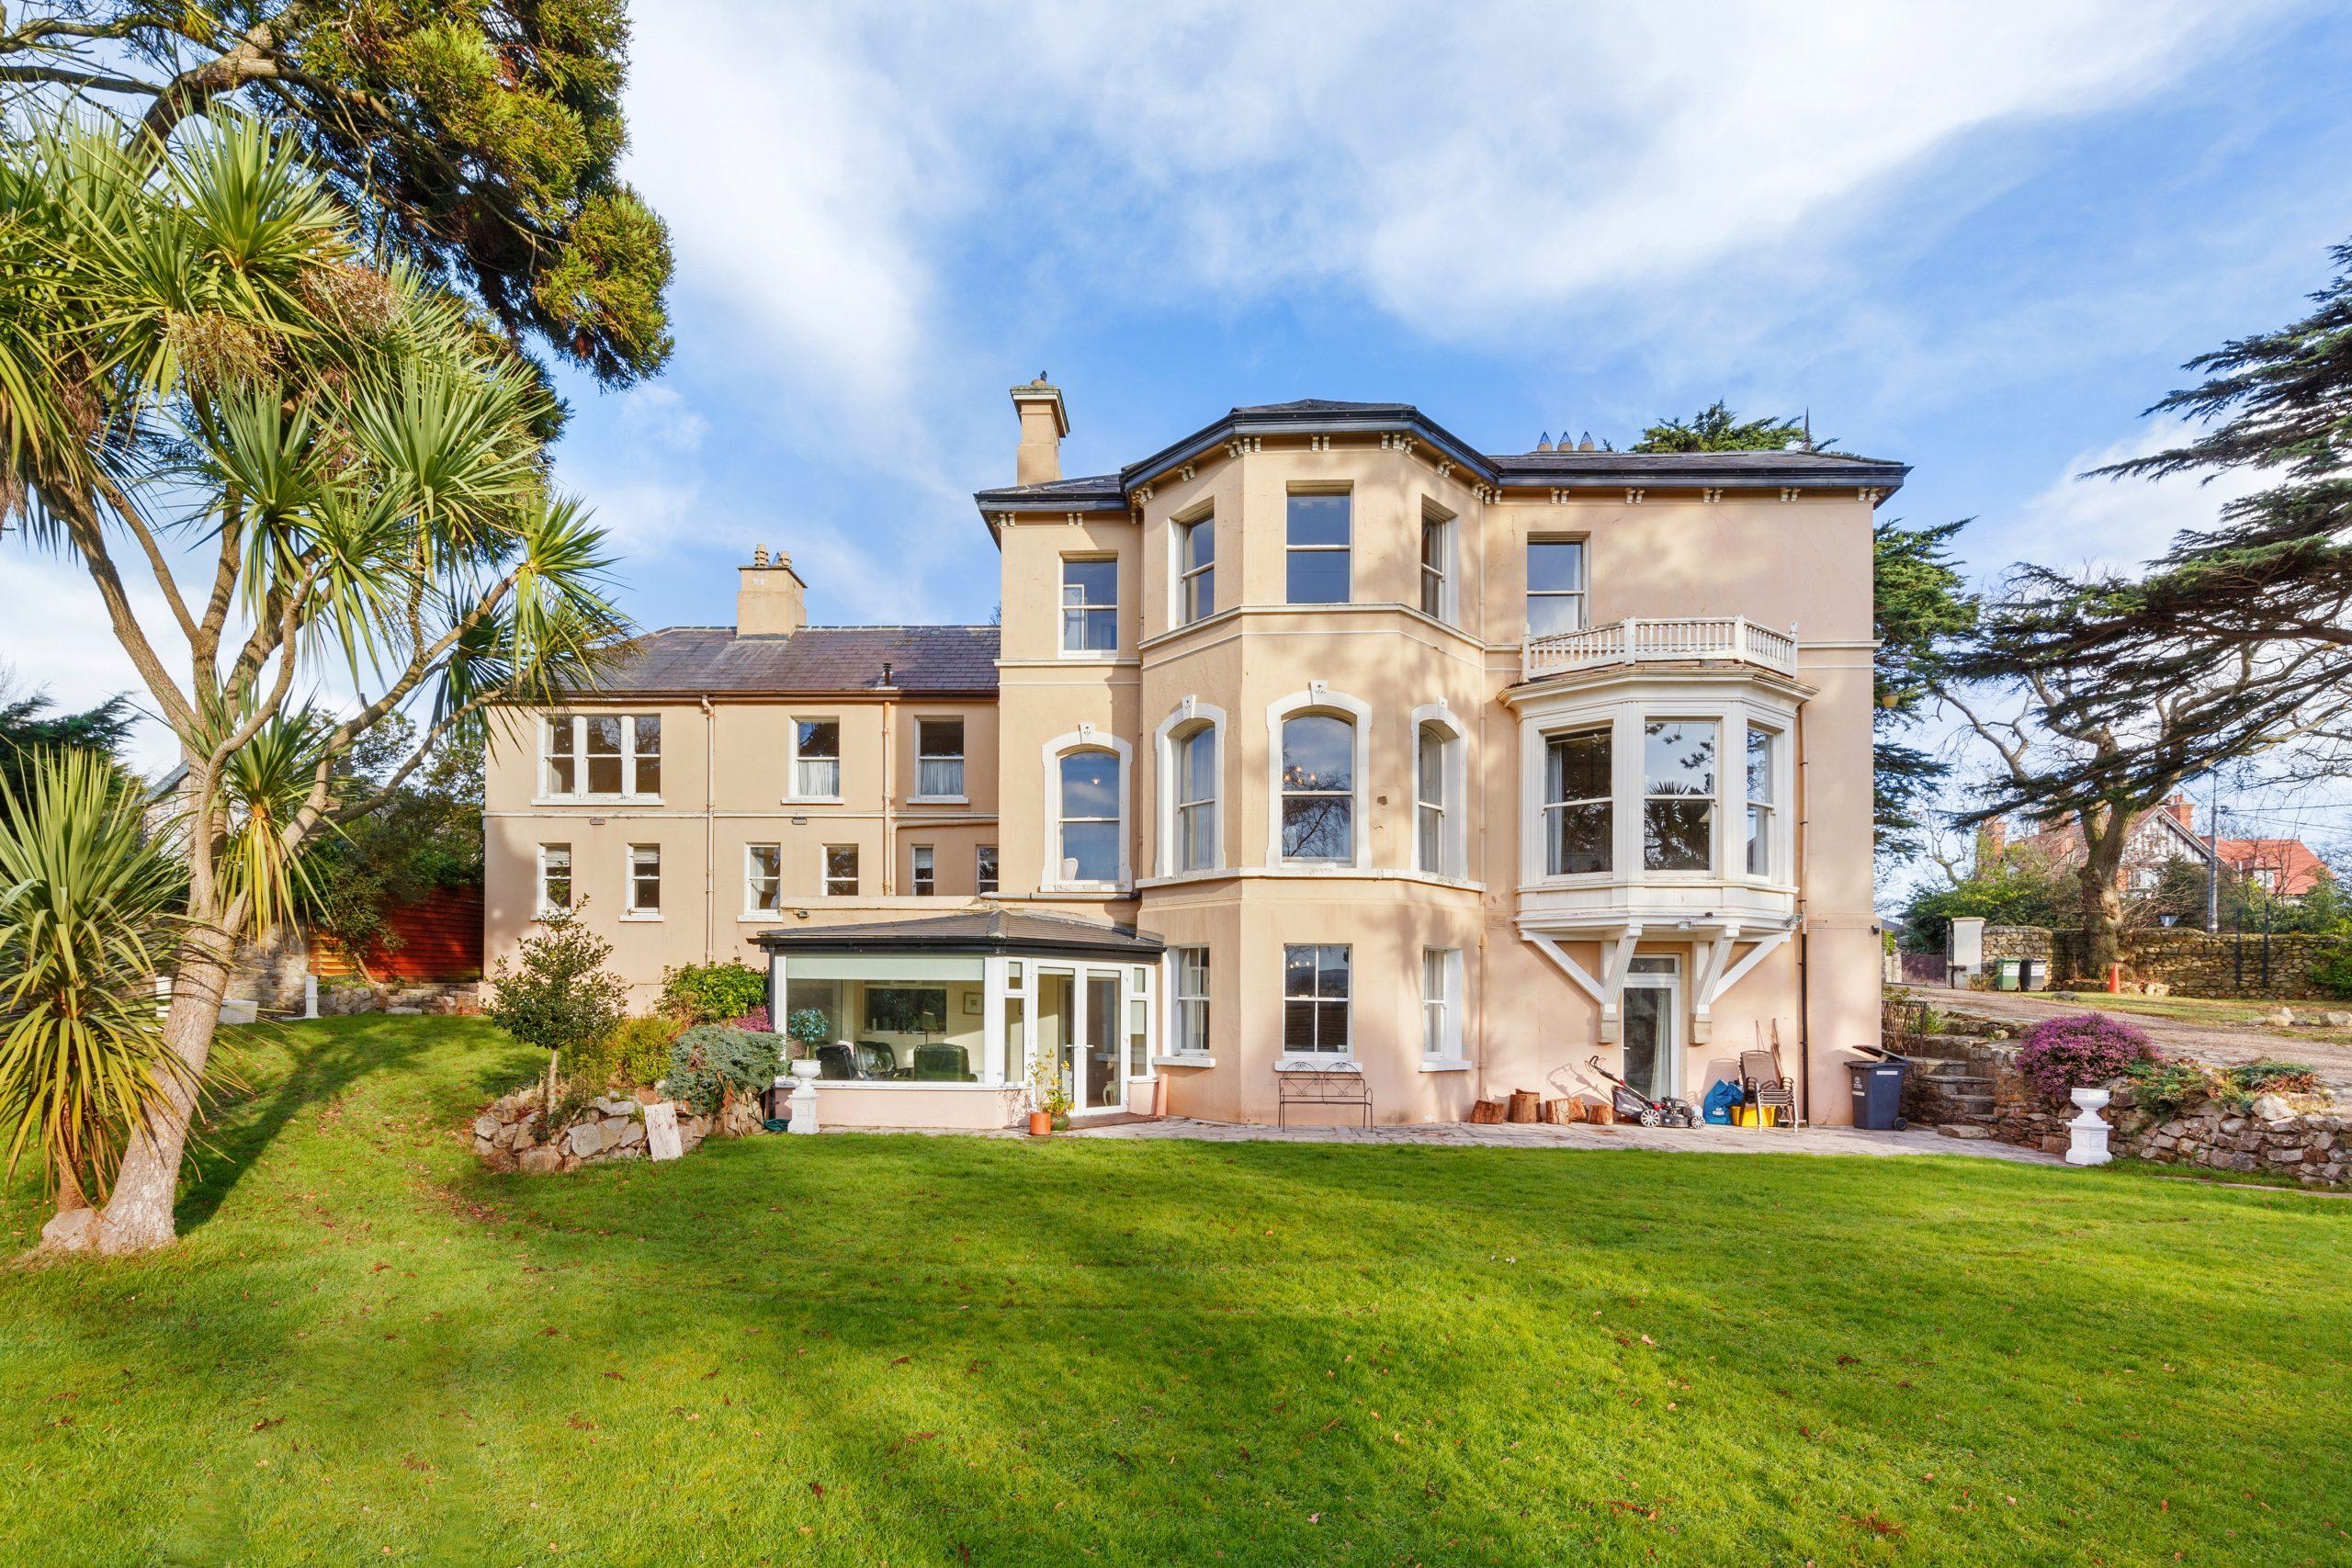 Stonehenge, Killiney Avenue, Killiney, Co. Dublin